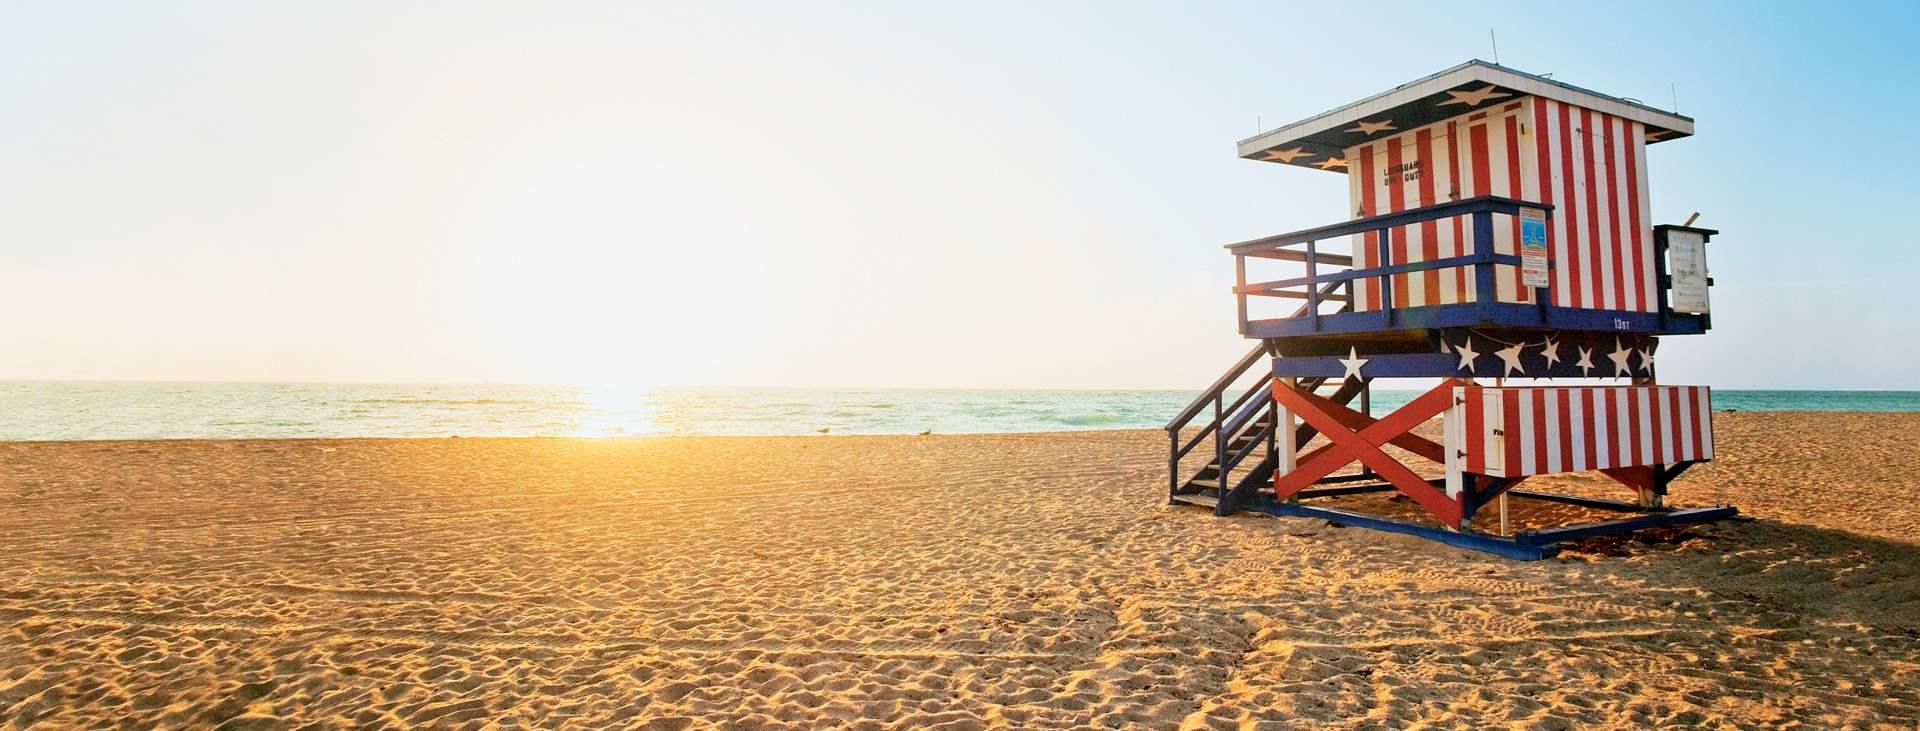 Boka en resa till Miami Beach i Florida - upplev USA med Ving